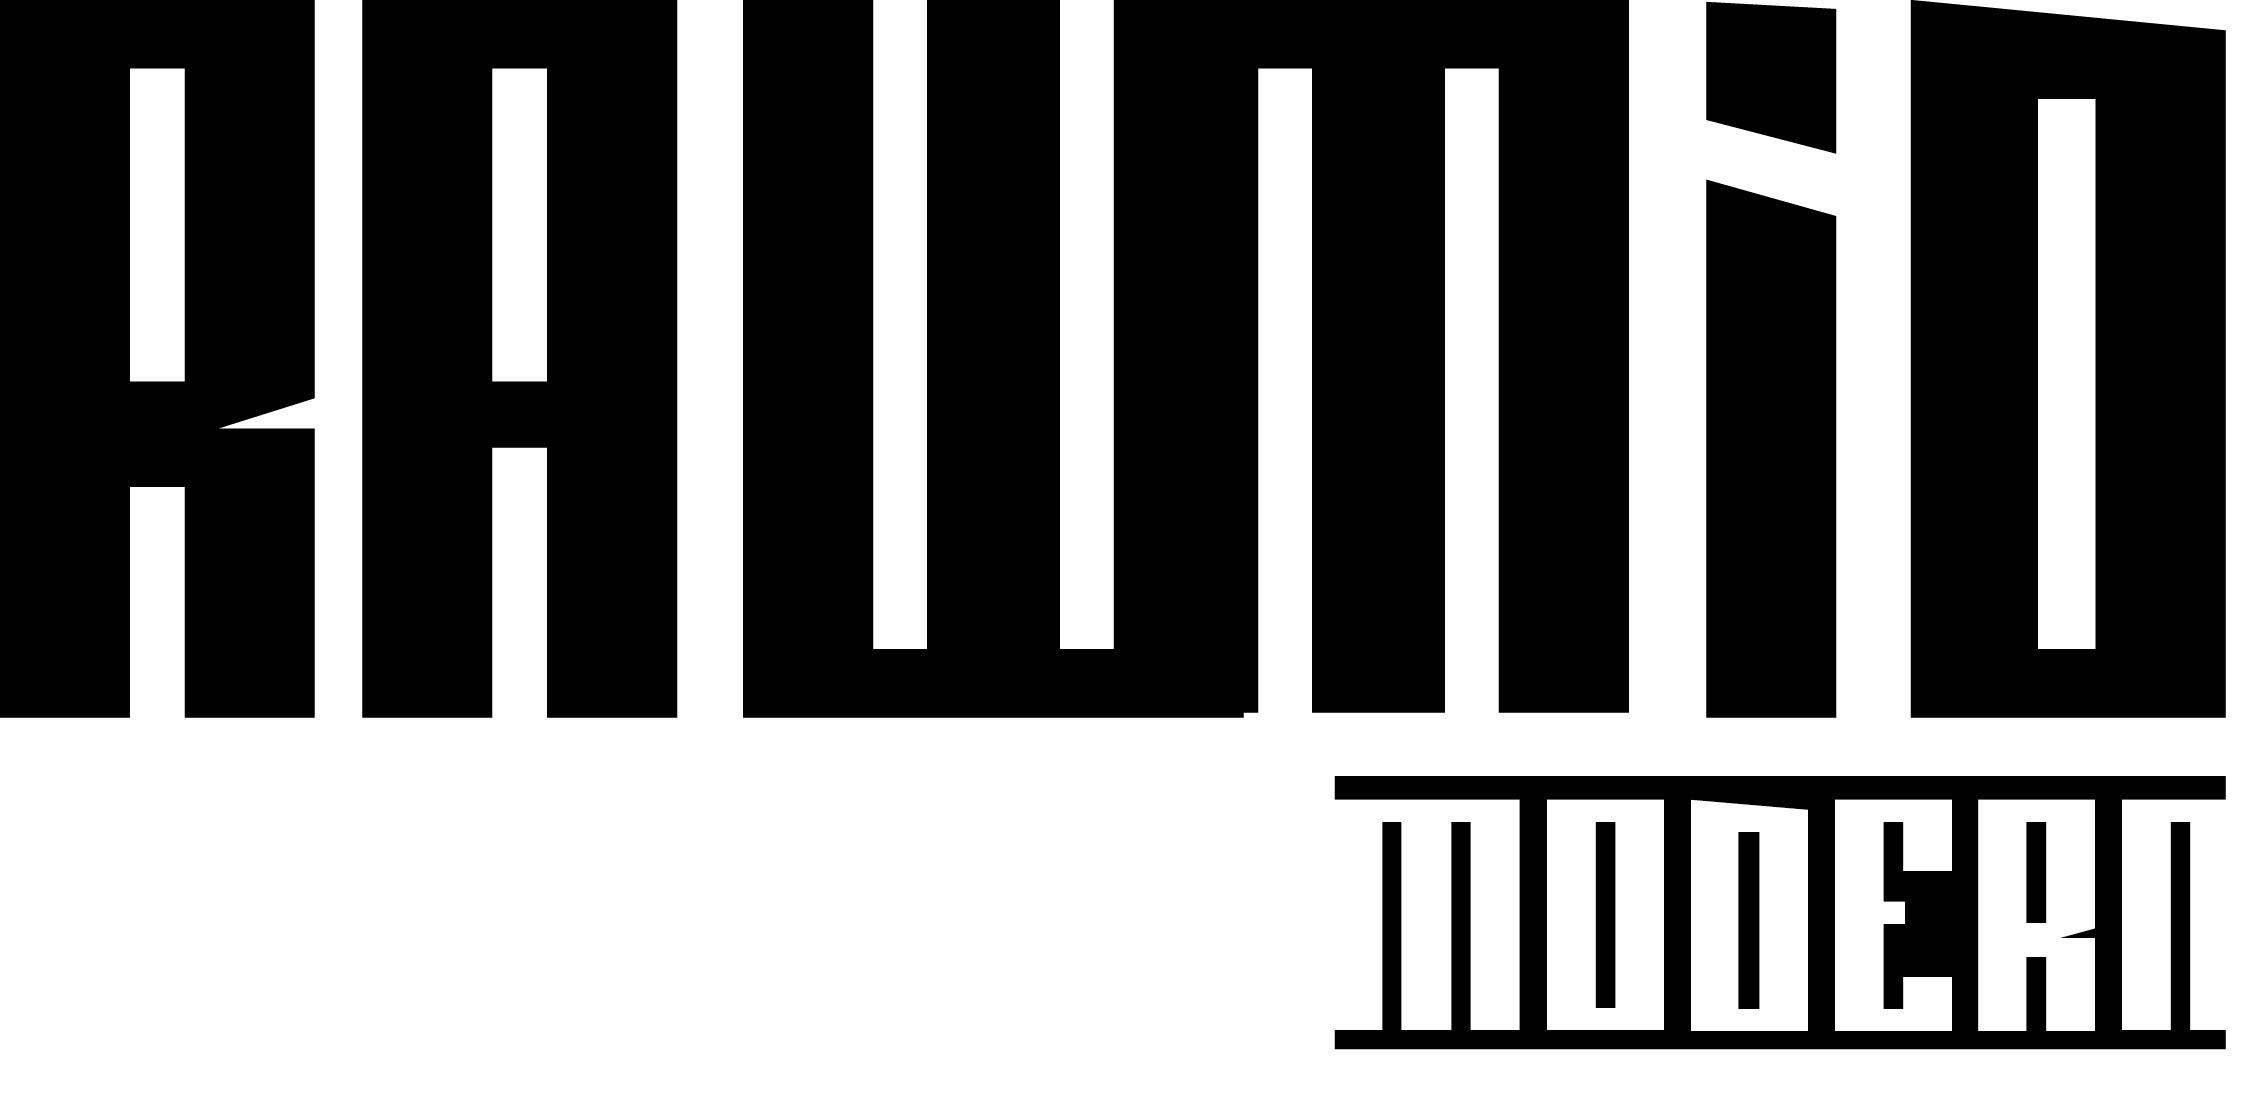 Создать логотип (буквенная часть) для бренда бытовой техники фото f_3735b3f211991c1c.jpg